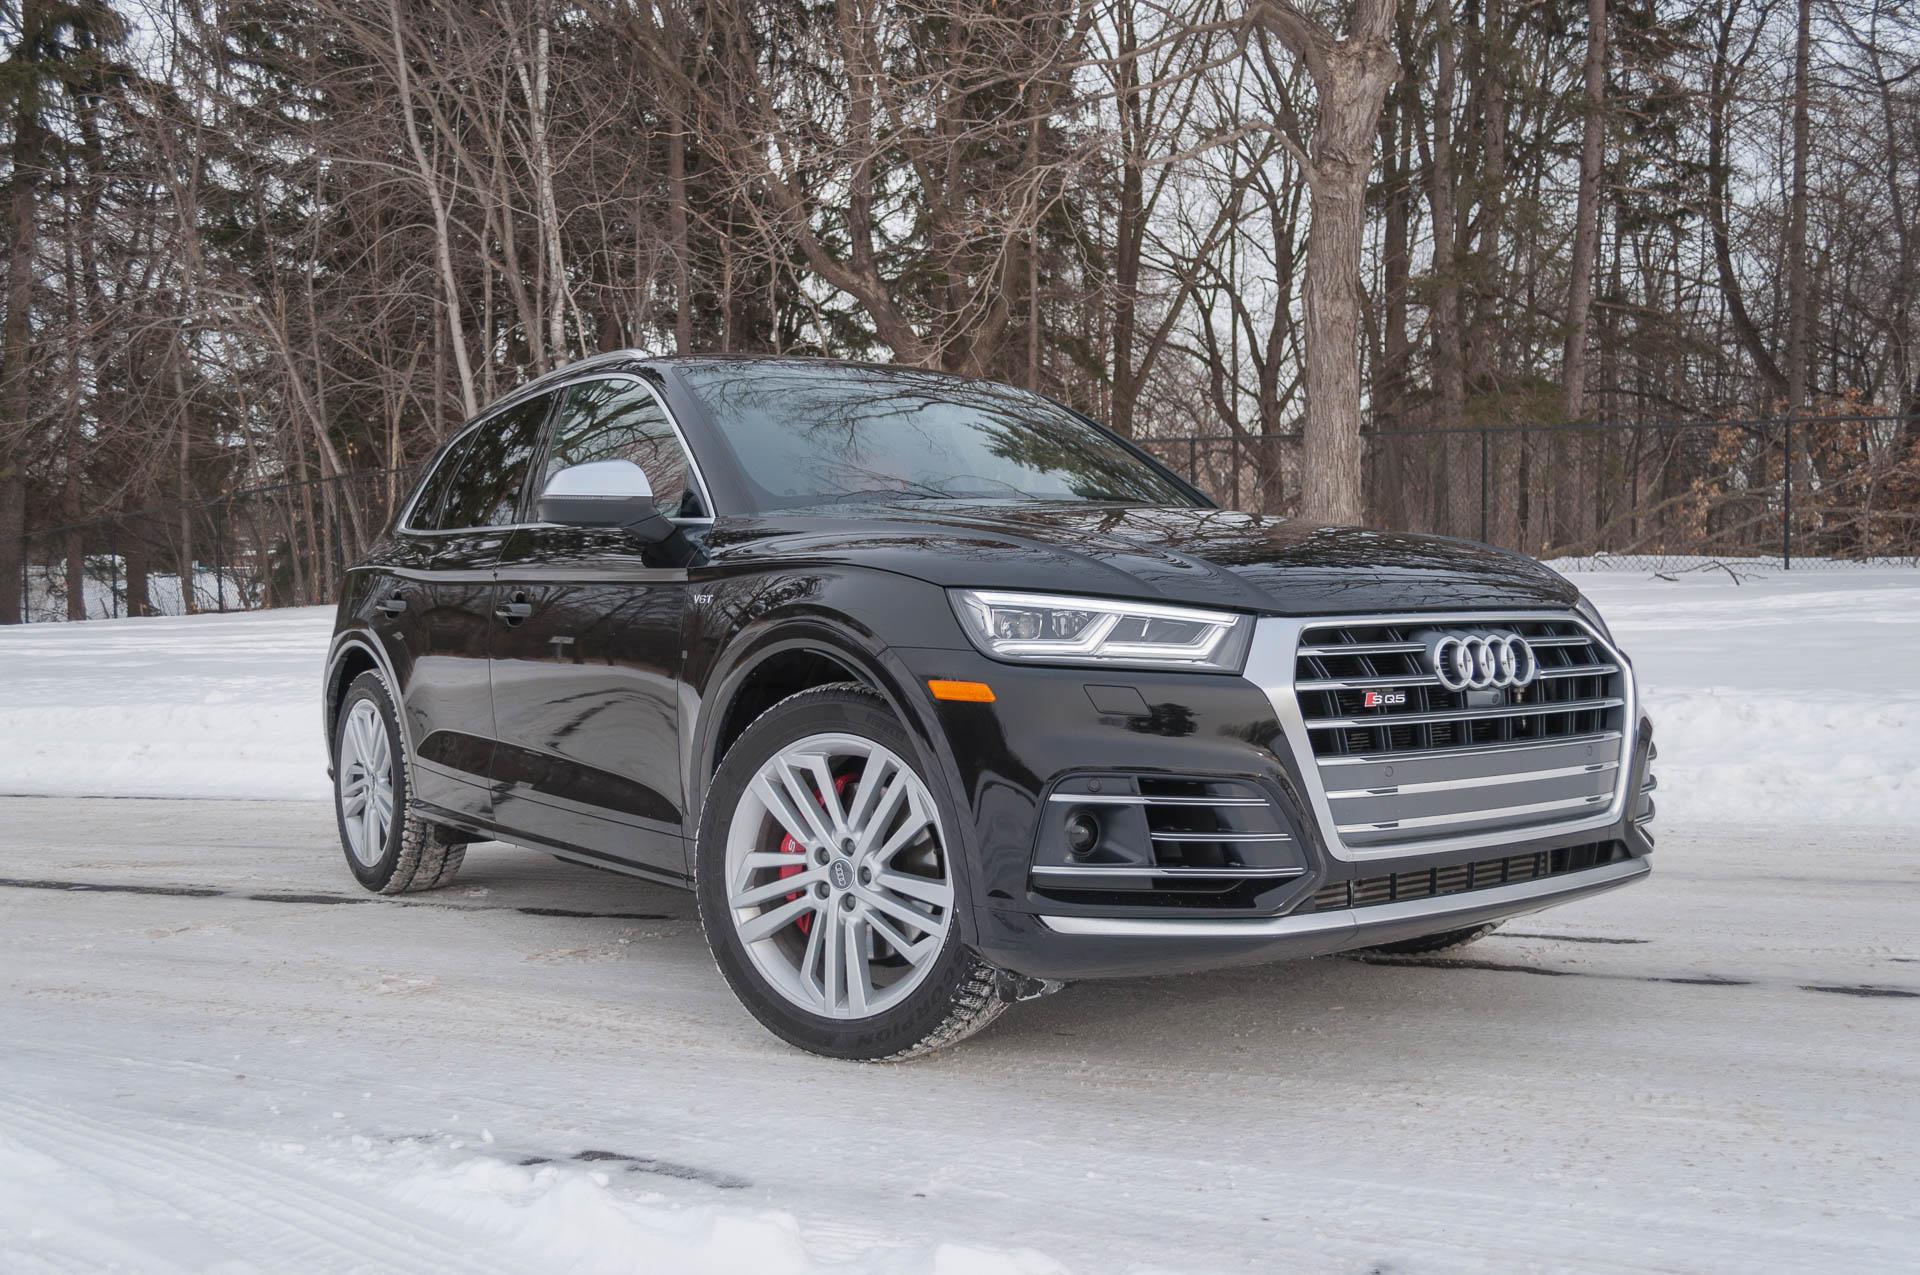 Kekurangan Audi Sq5 2018 Murah Berkualitas